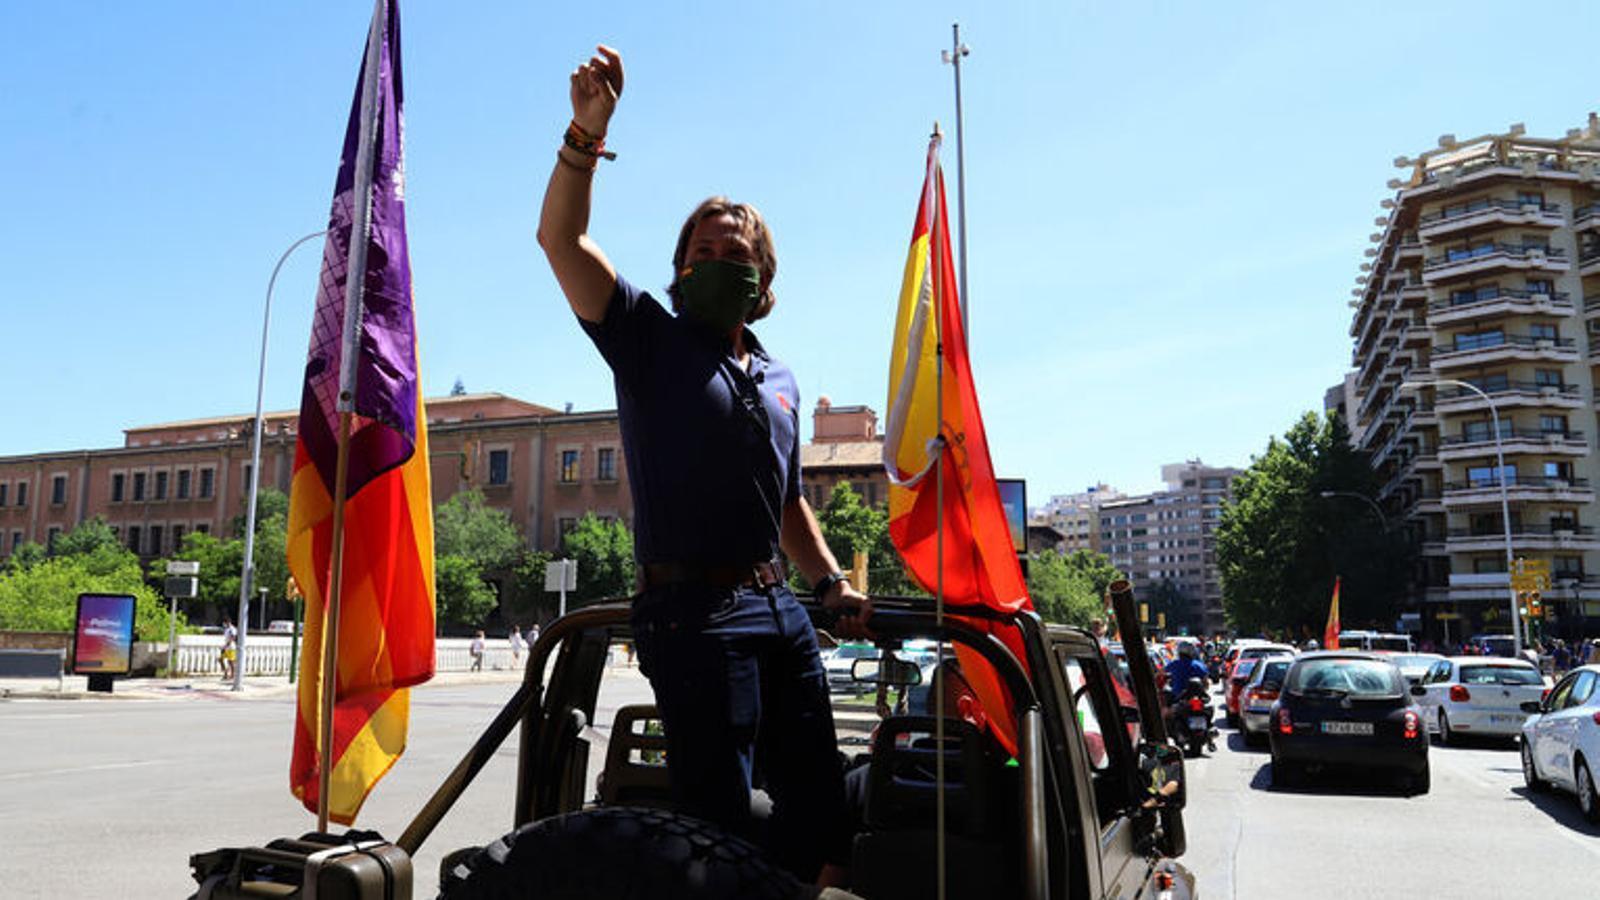 El líder de Vox, Jorge Campos, durant la manifestació de Vox a Palma